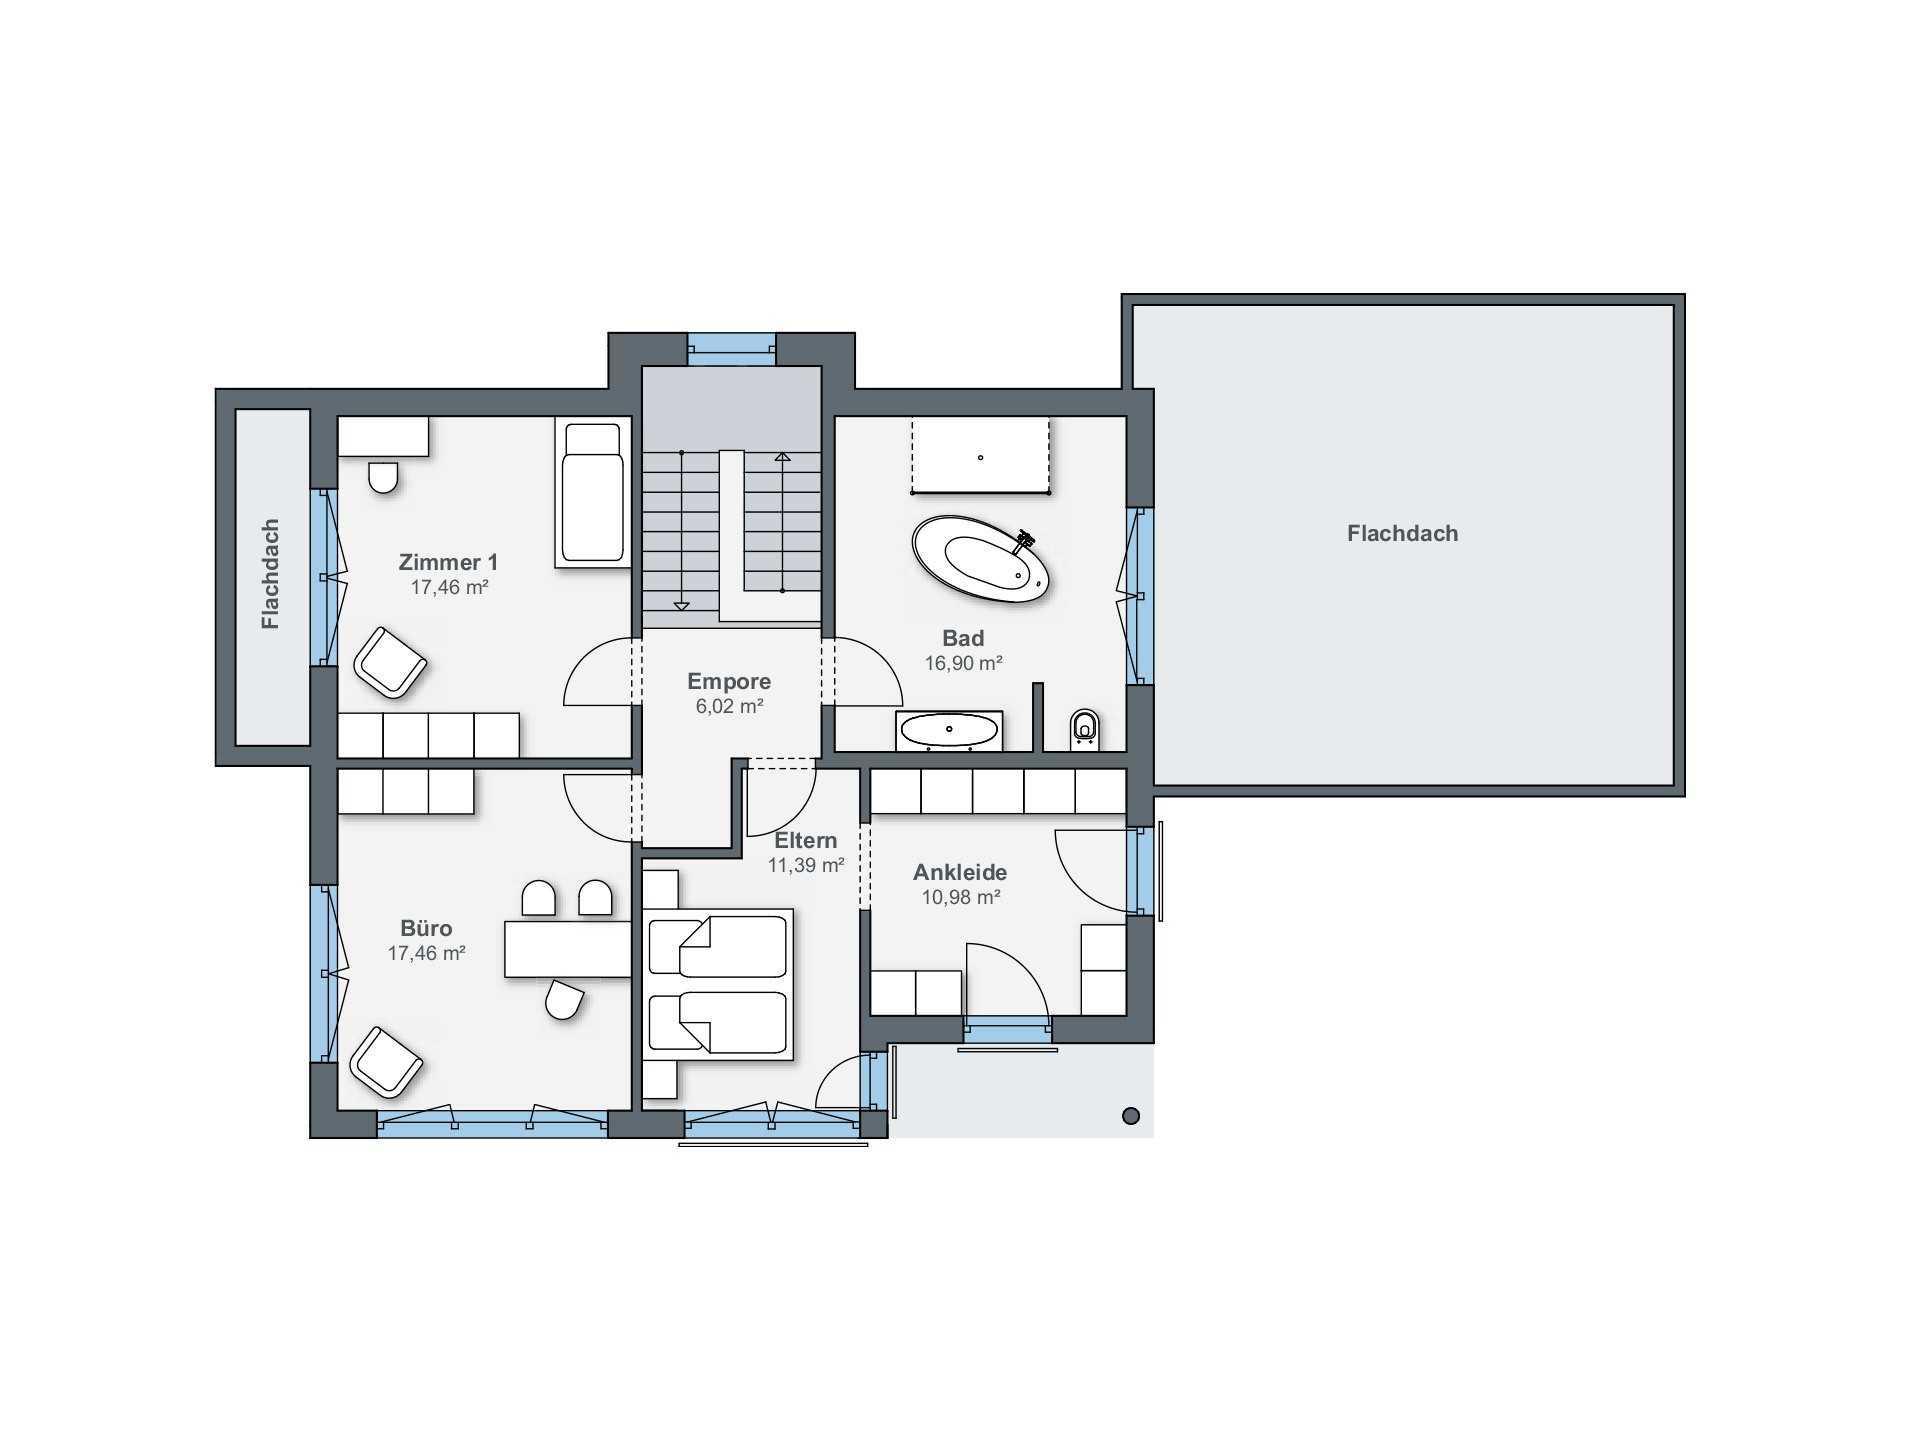 Schlafzimmer Begehbarer Kleiderschrank Grundriss